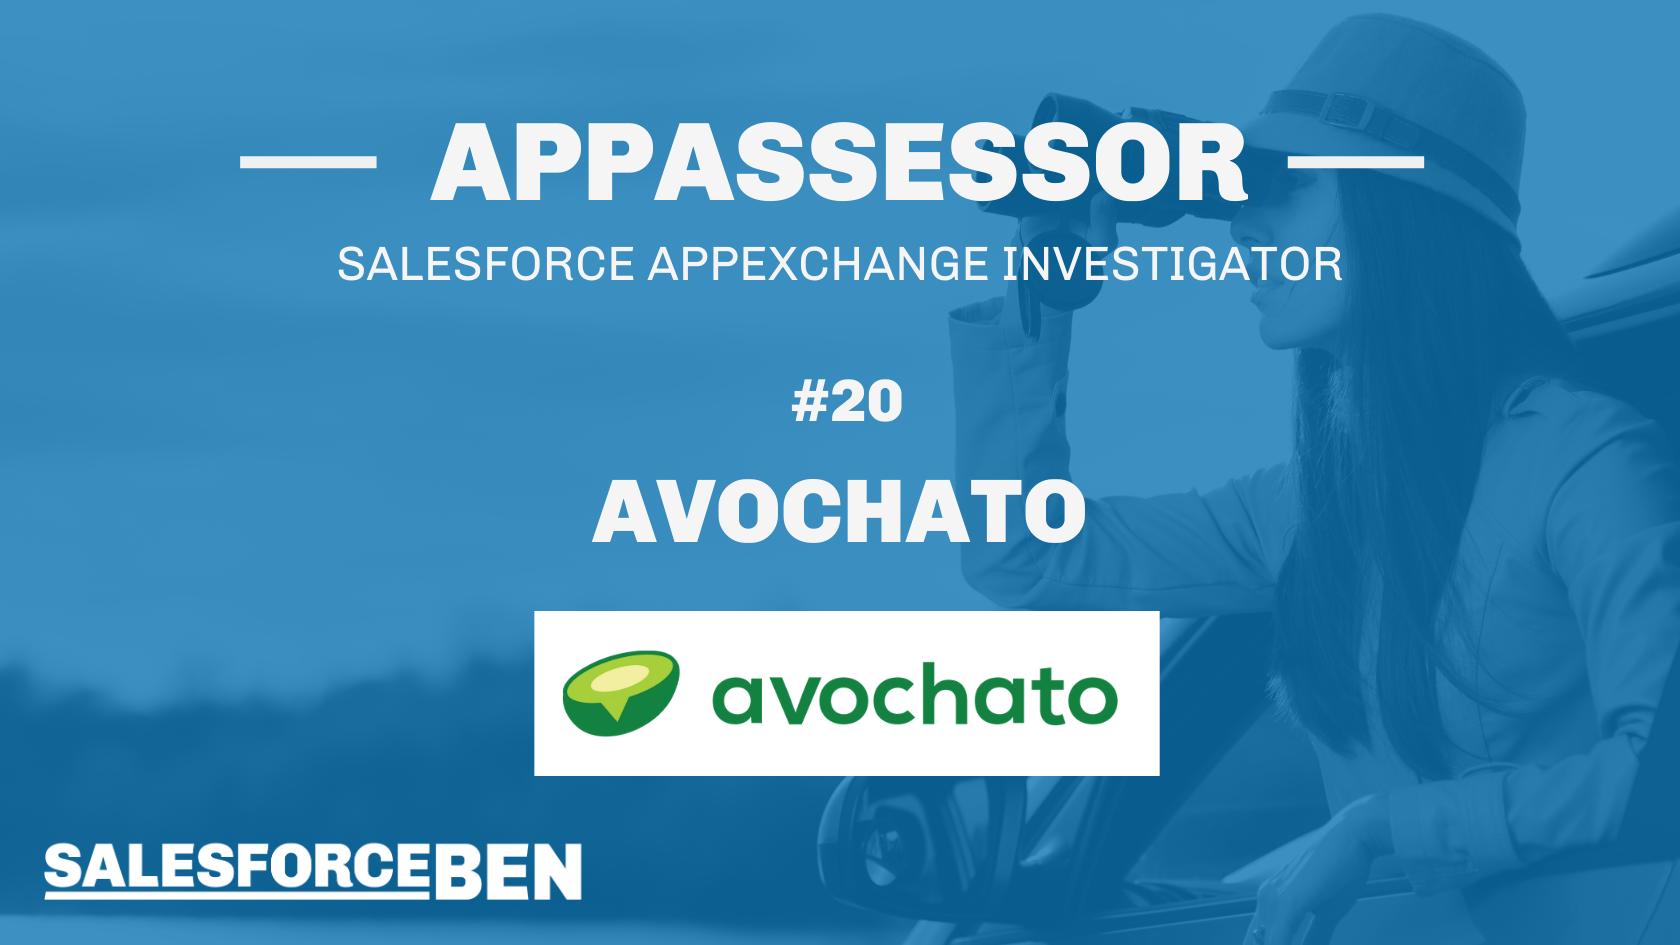 Avochato In-Depth Review [The AppAssessor #20]